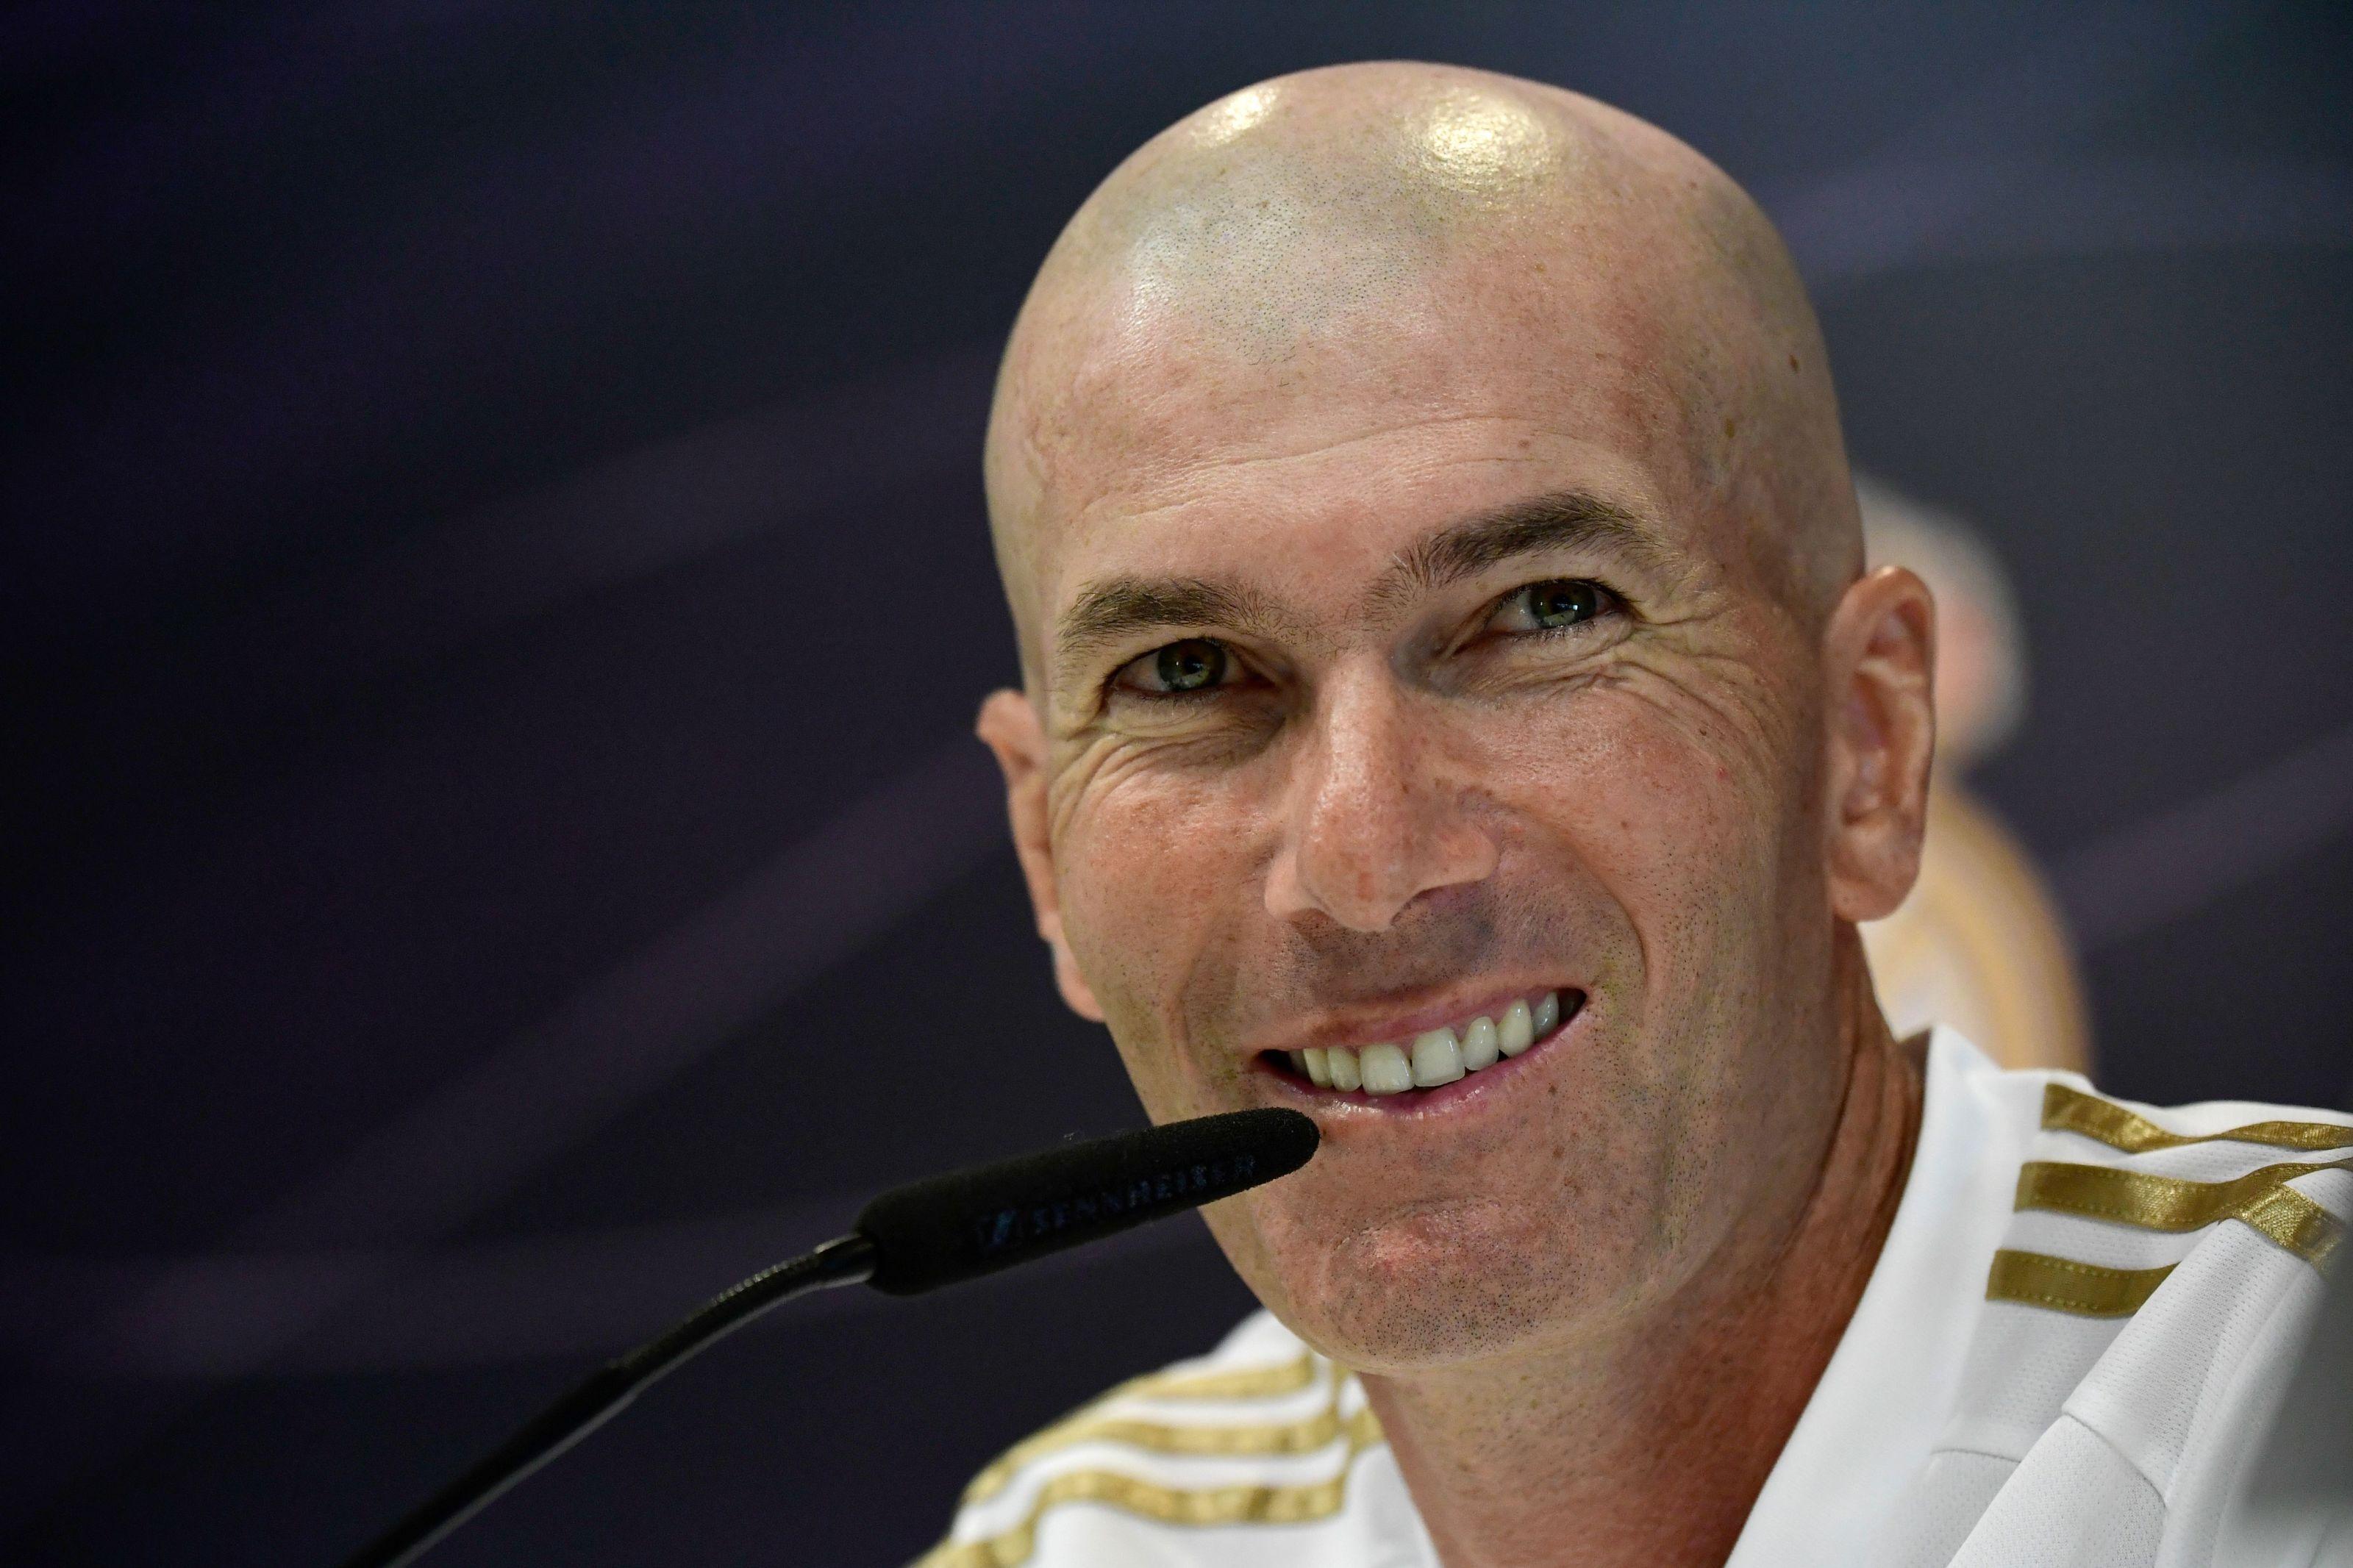 Real Madrid manager Zinedine Zidane optimistic ahead of La Liga opener